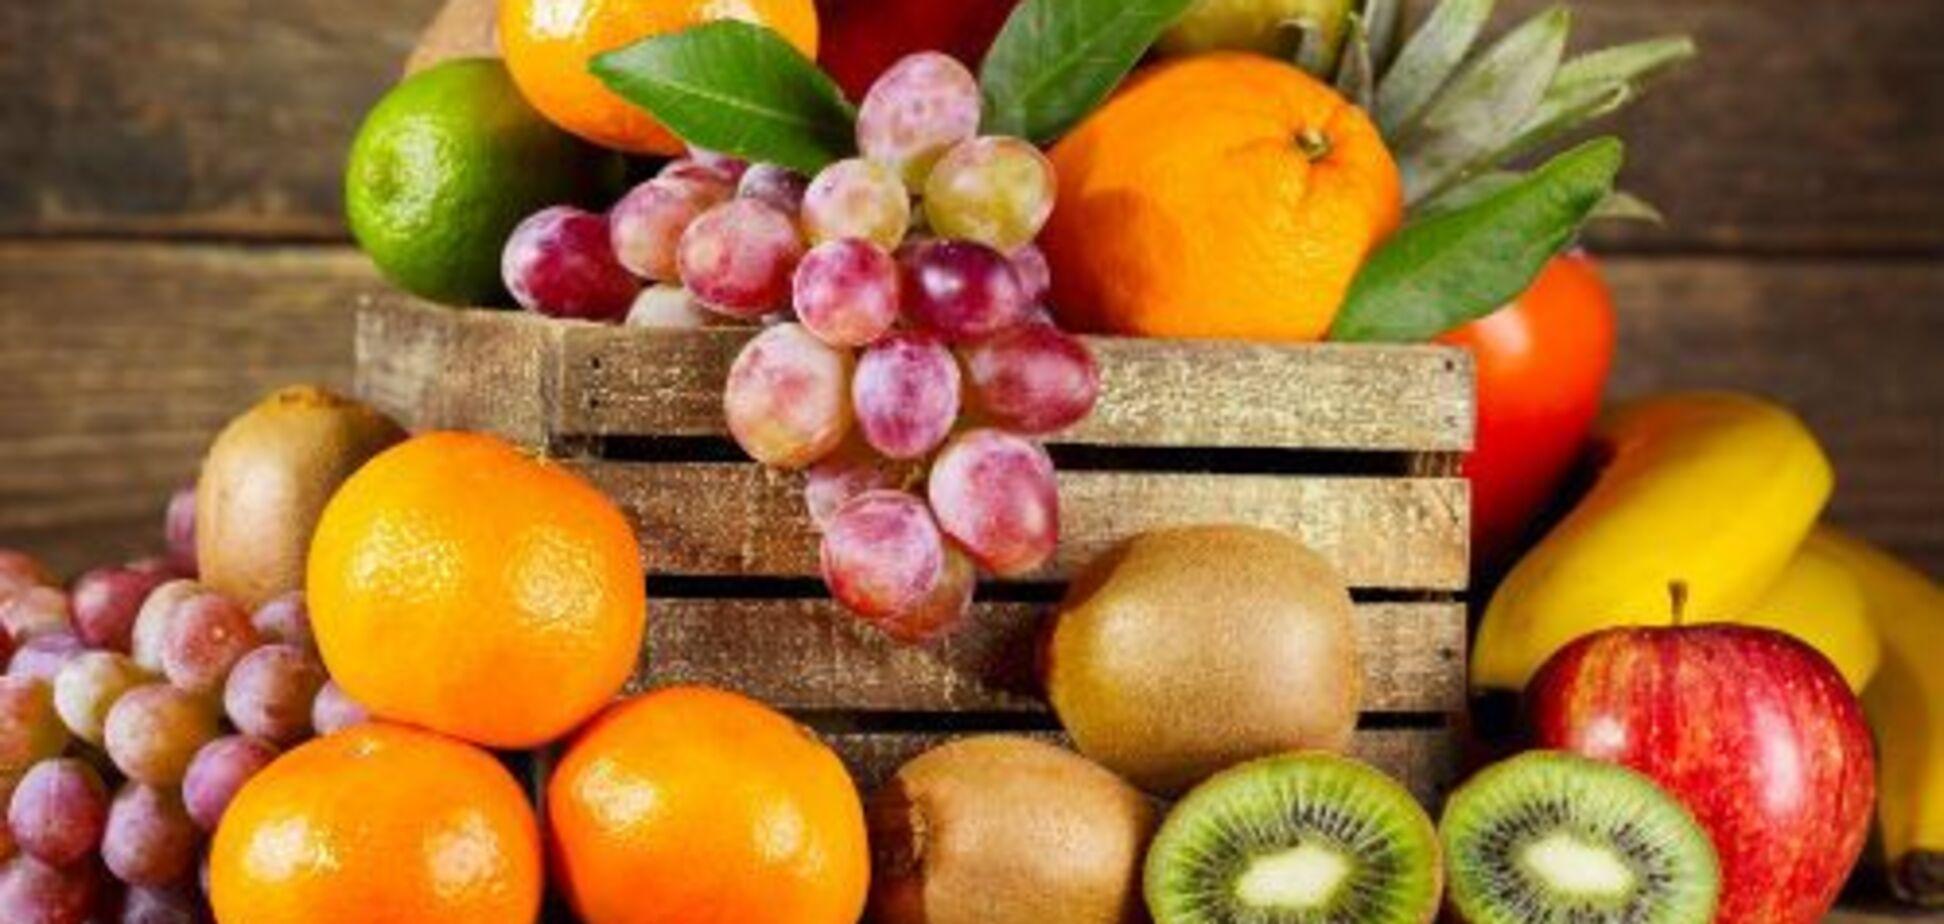 Нельзя для похудения? Развенчаны мифы о популярном фрукте